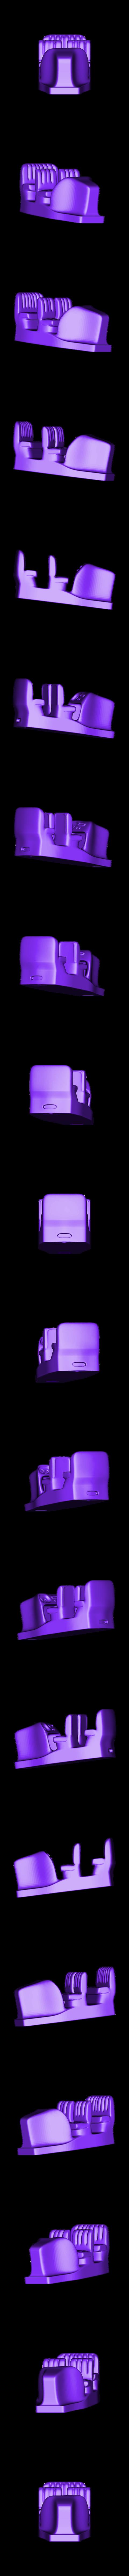 Inside.stl Download STL file Rocket Car • 3D printer design, svandalk